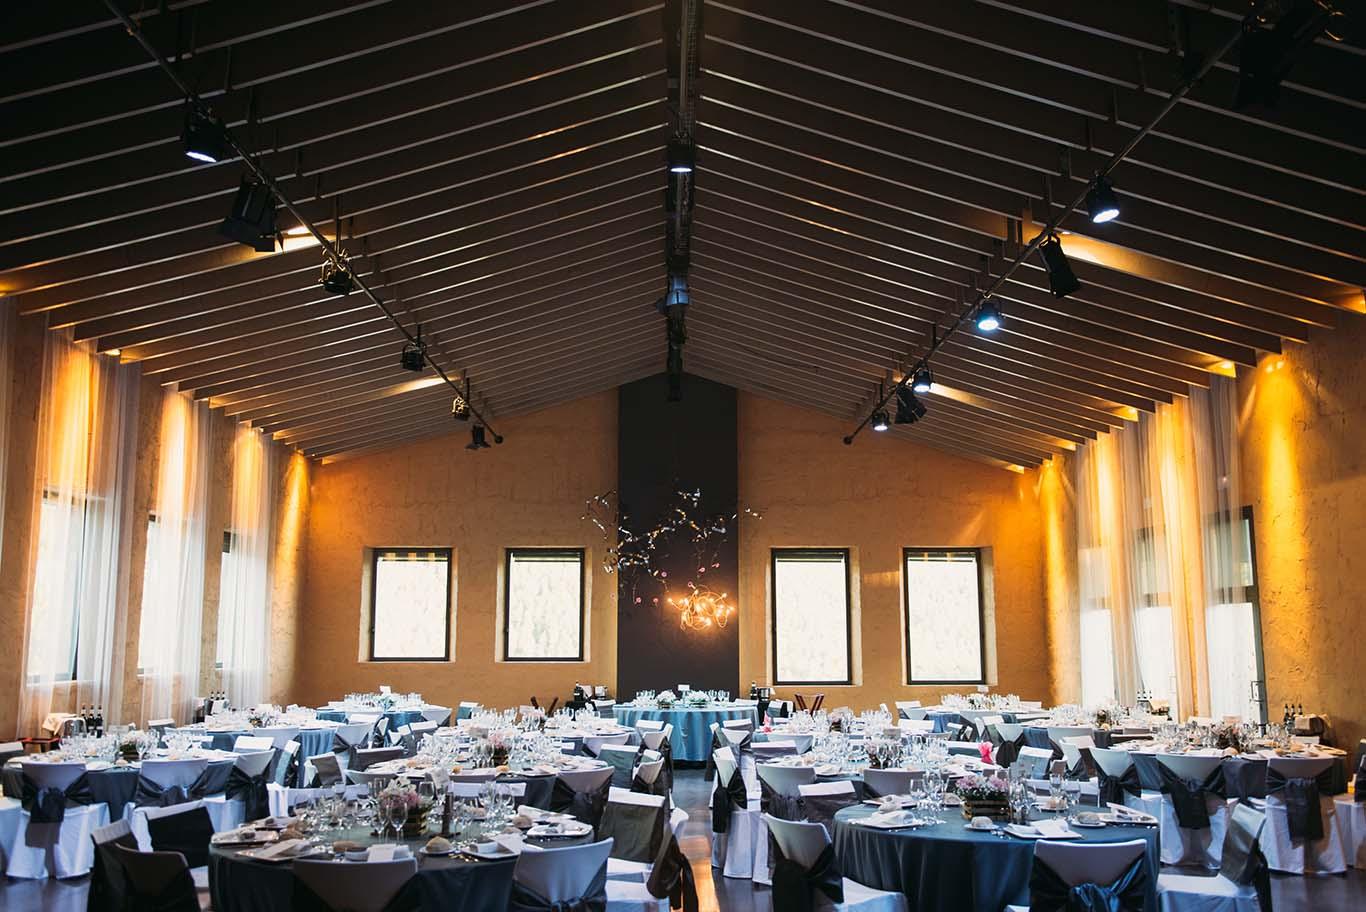 Casaments-ca-nalzina-espai-gastronomia87